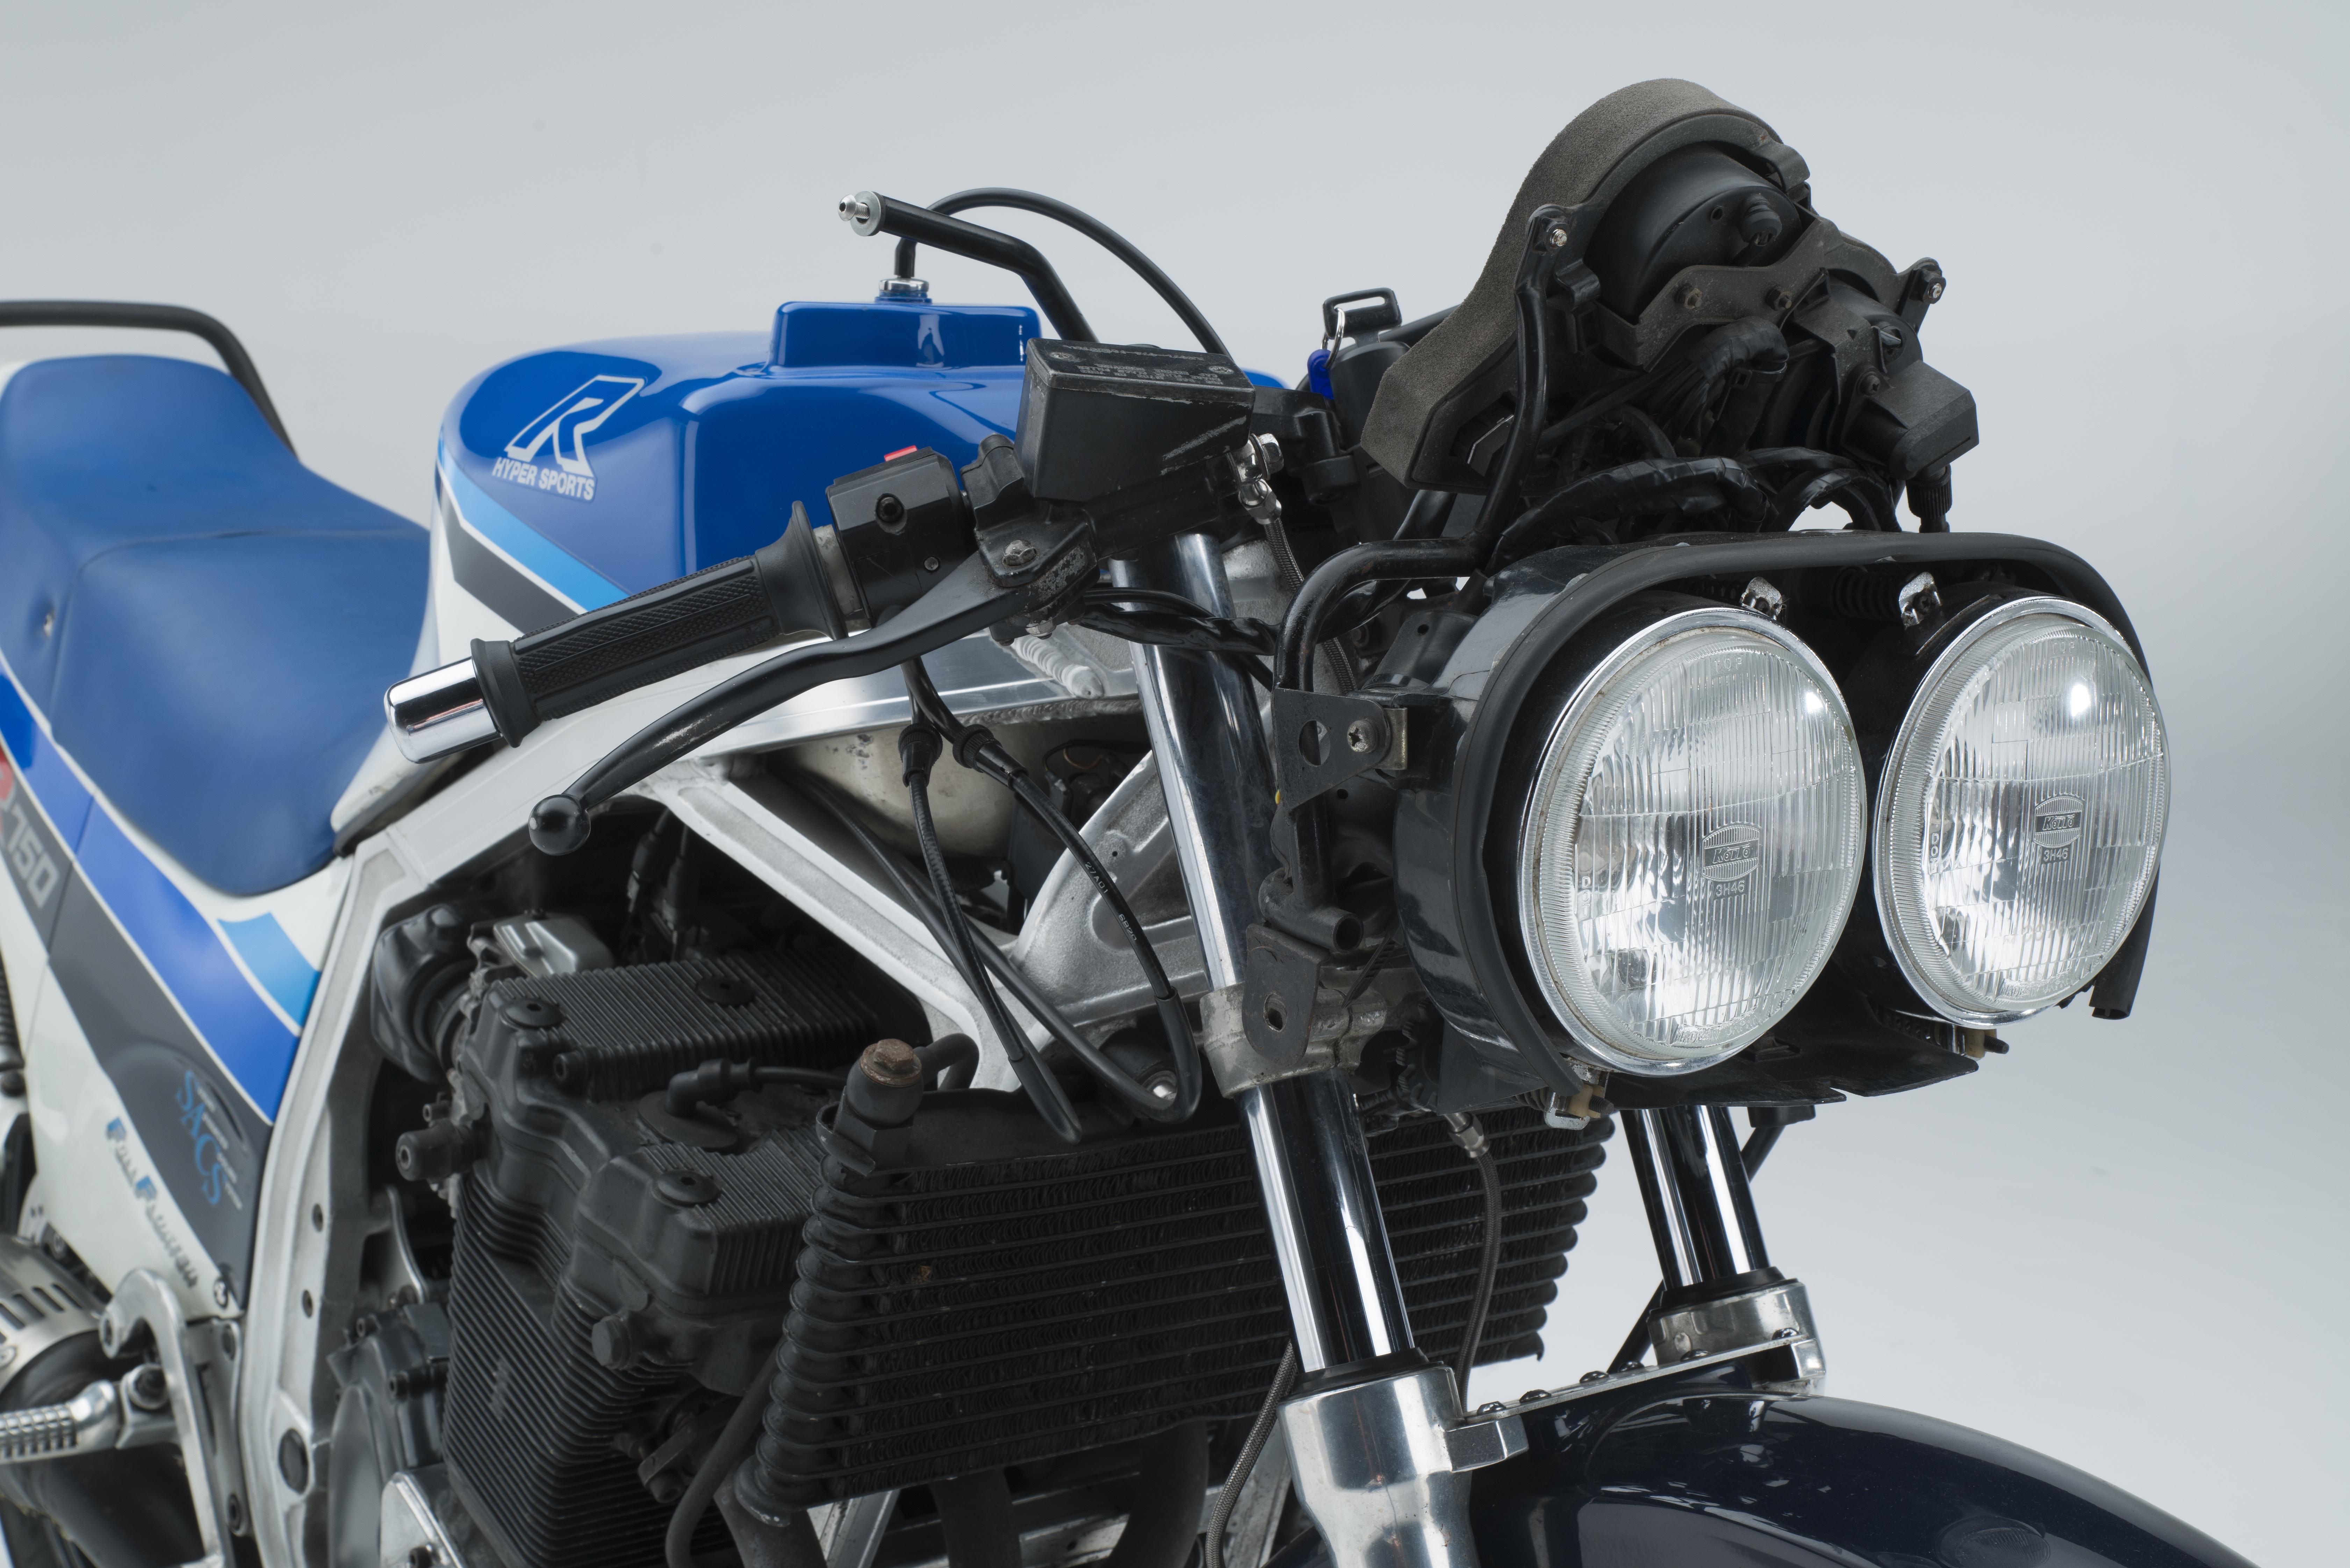 Suzuki to restore original GSX-R750 at NEC bike show